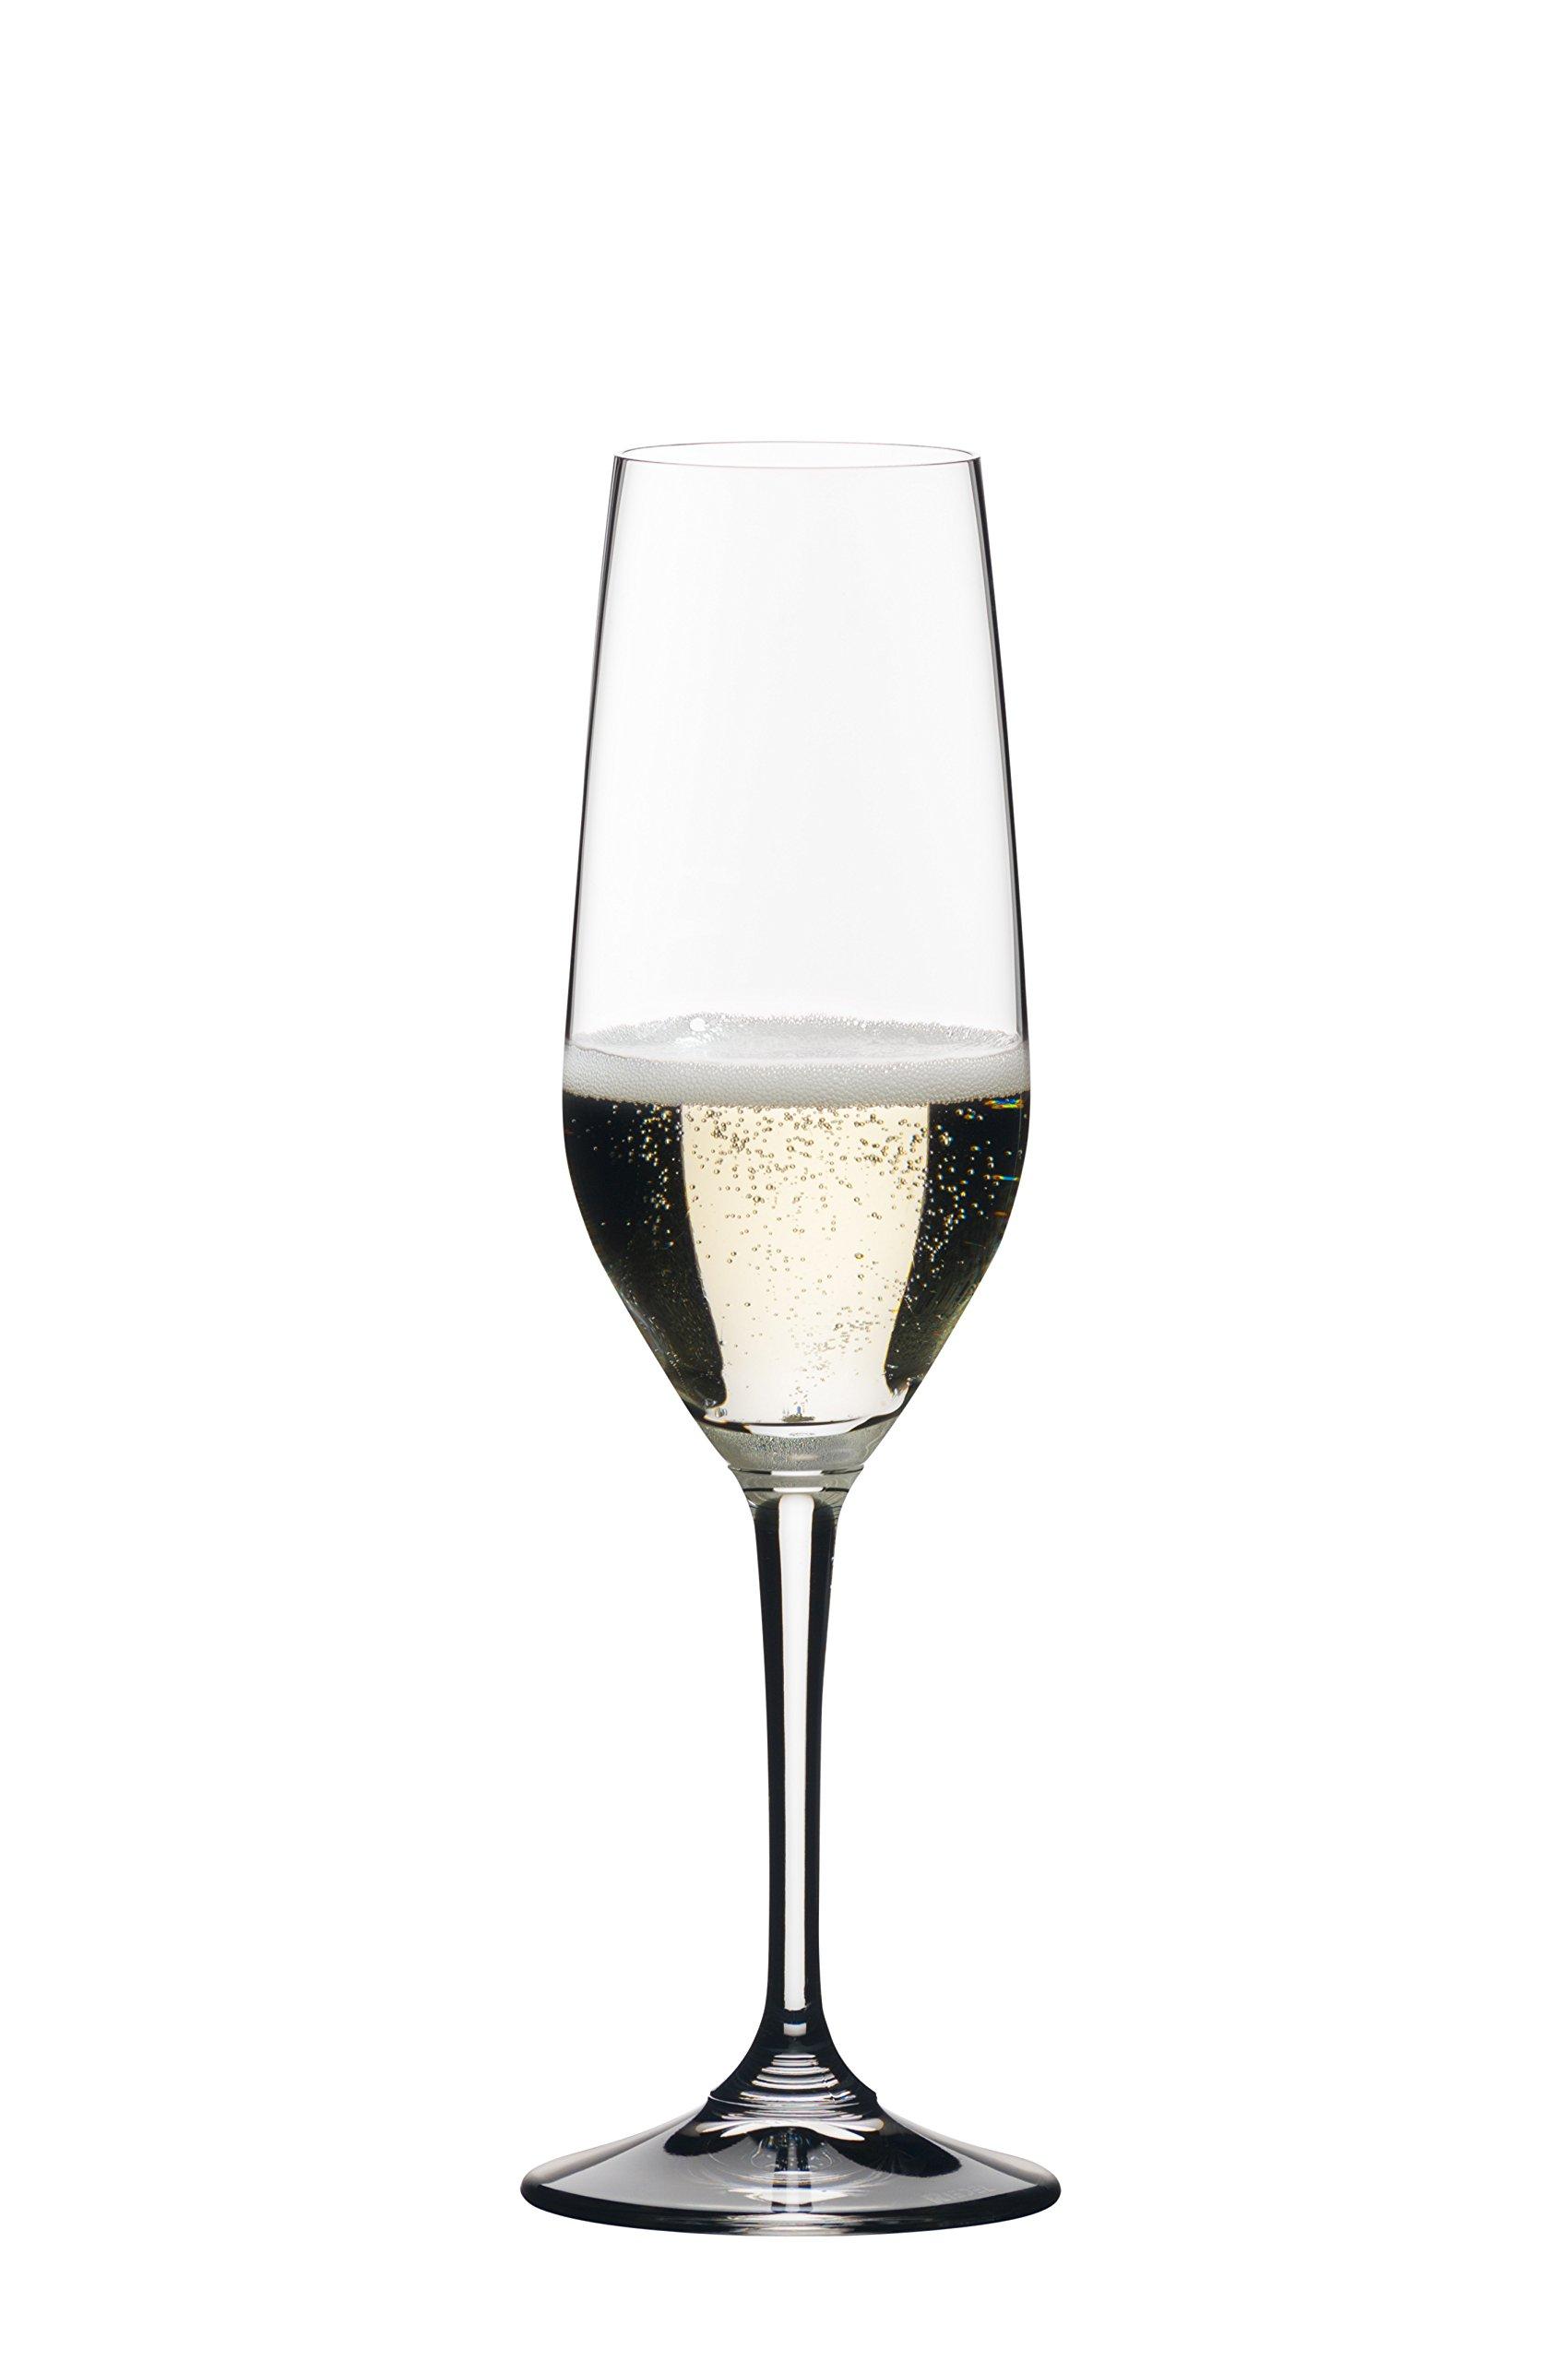 Riedel 0484/08 Vivant Champagne Flutes, 10.23 oz, Clear